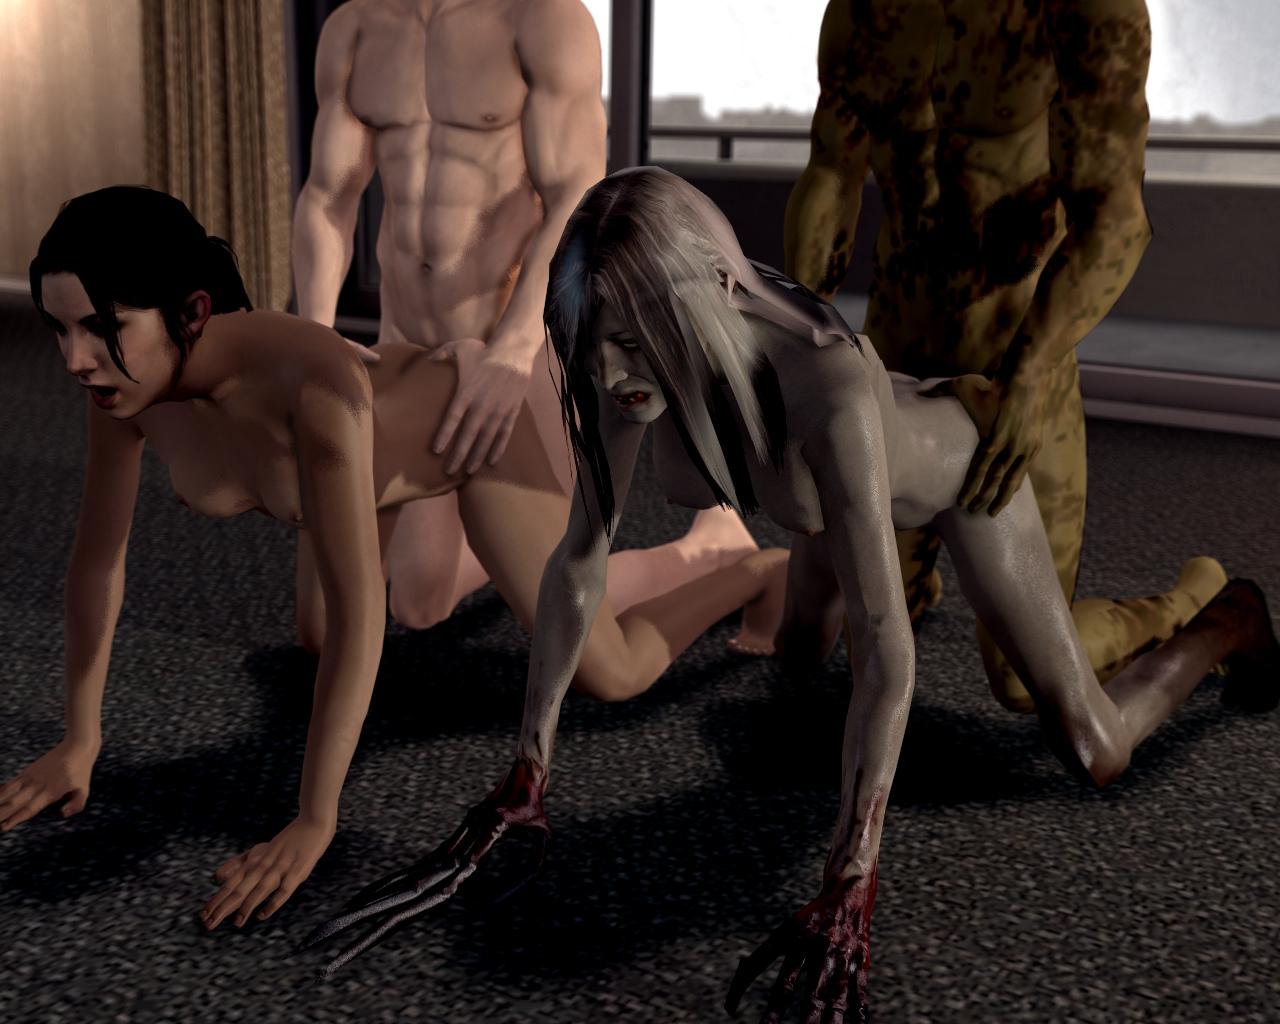 Эротические картинки из left 4 dead, Left 4 Dead 3д порно комикс 17 фотография